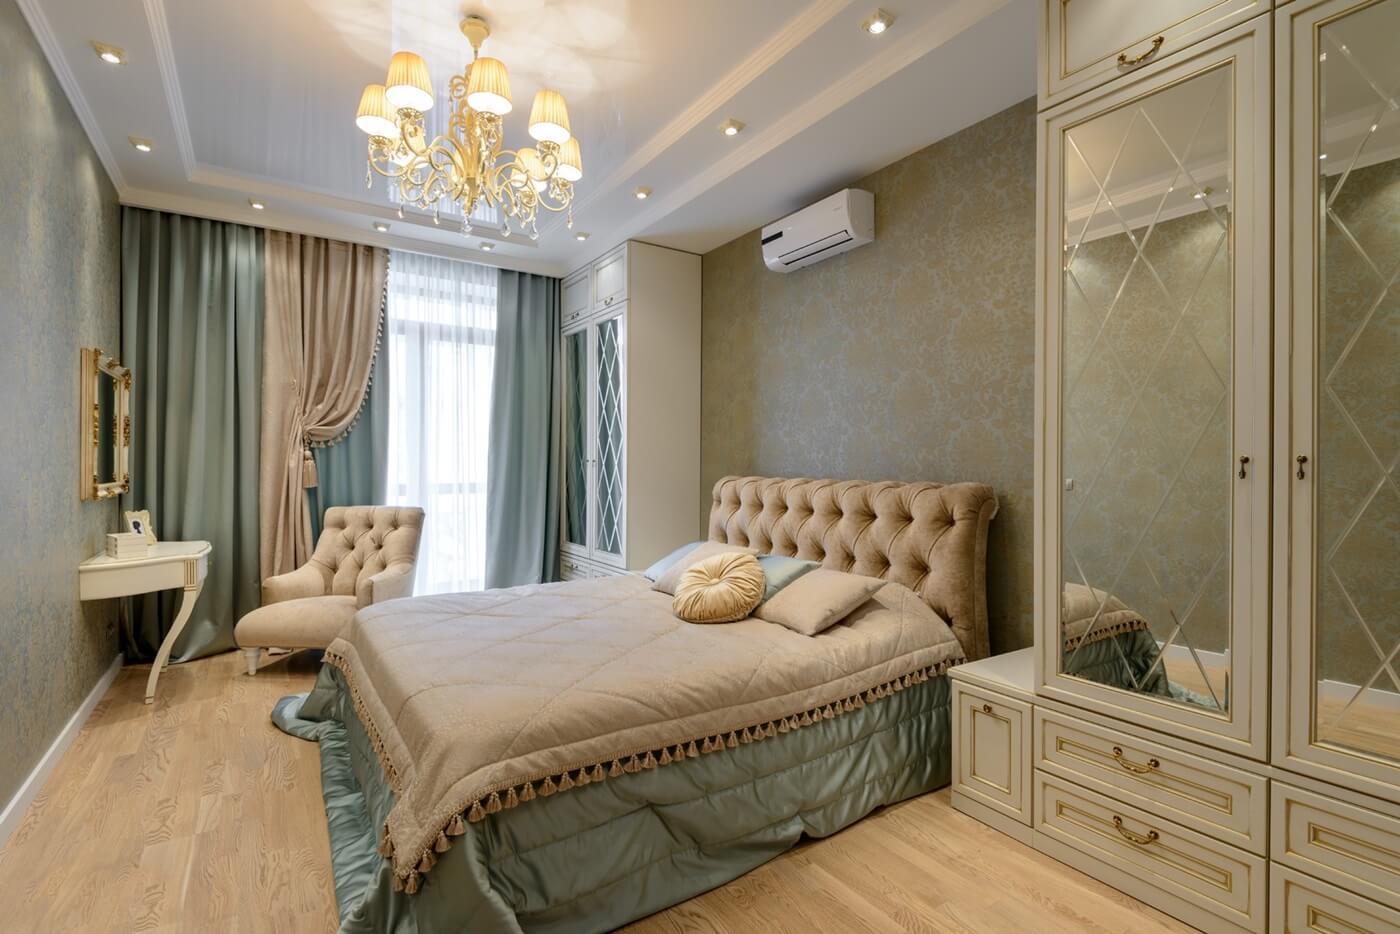 Текстиль для спальни в стиле неоклассика